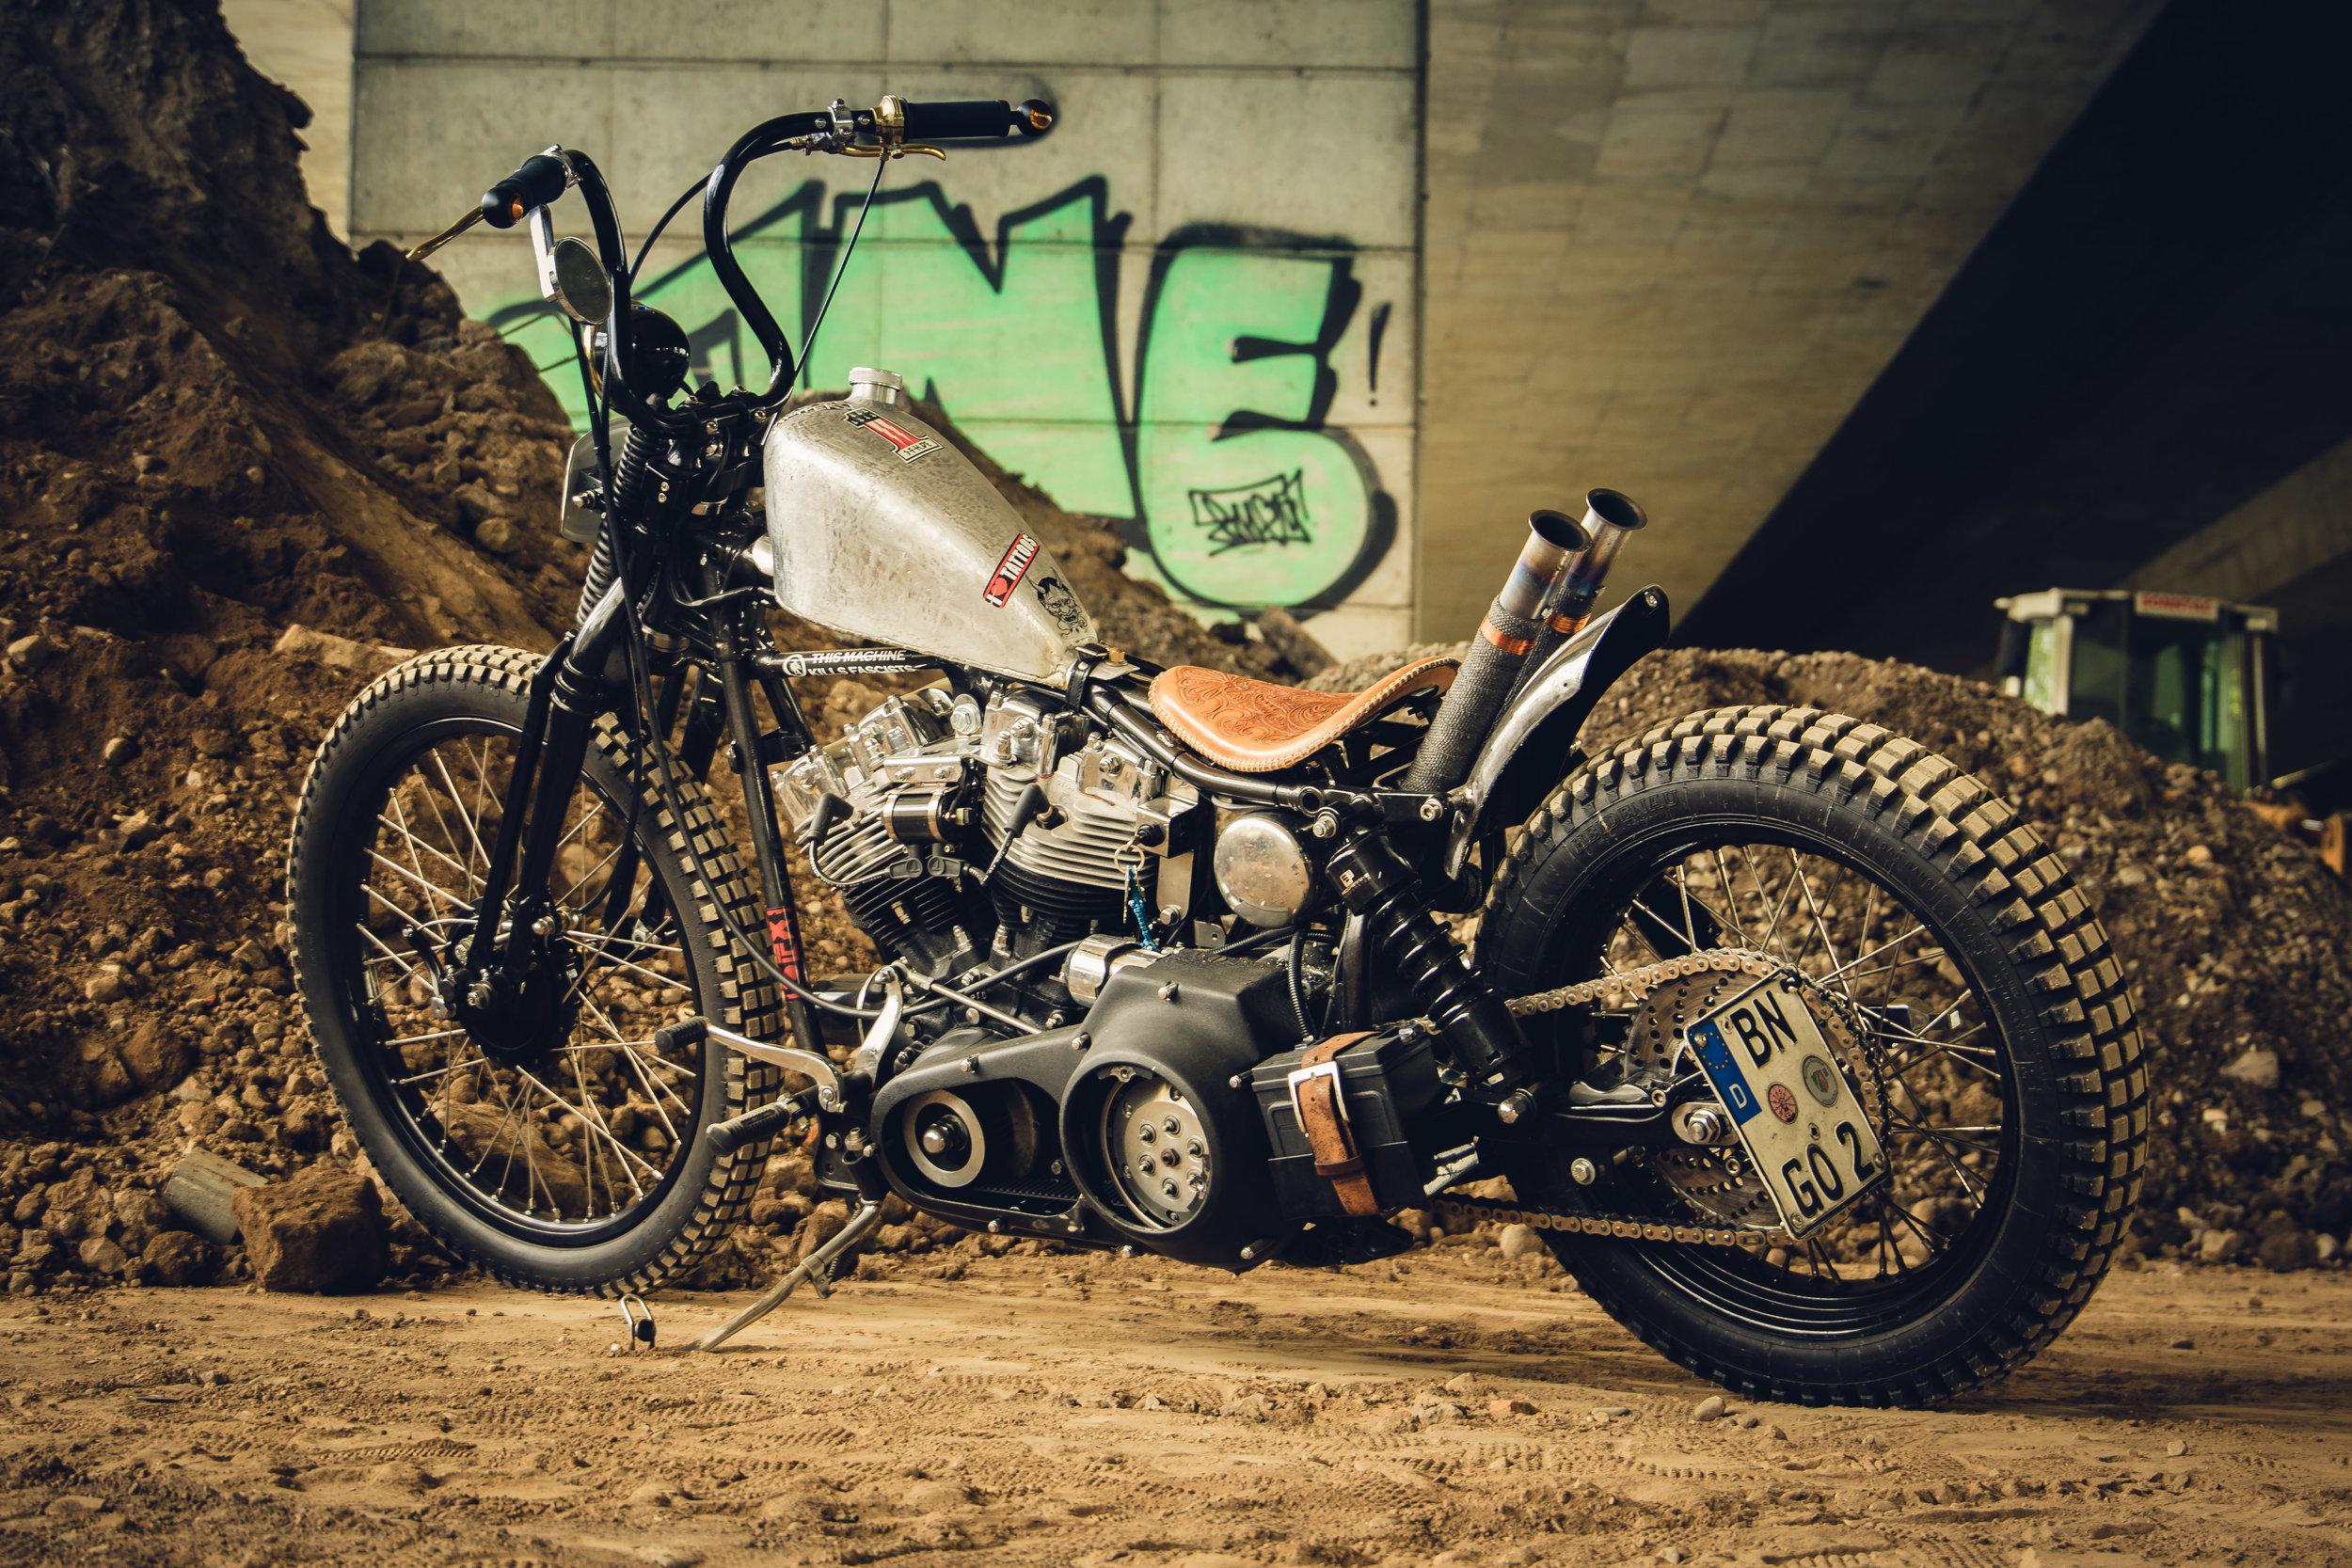 Beppos Custombike by Dirk Behlau-2401.jpg